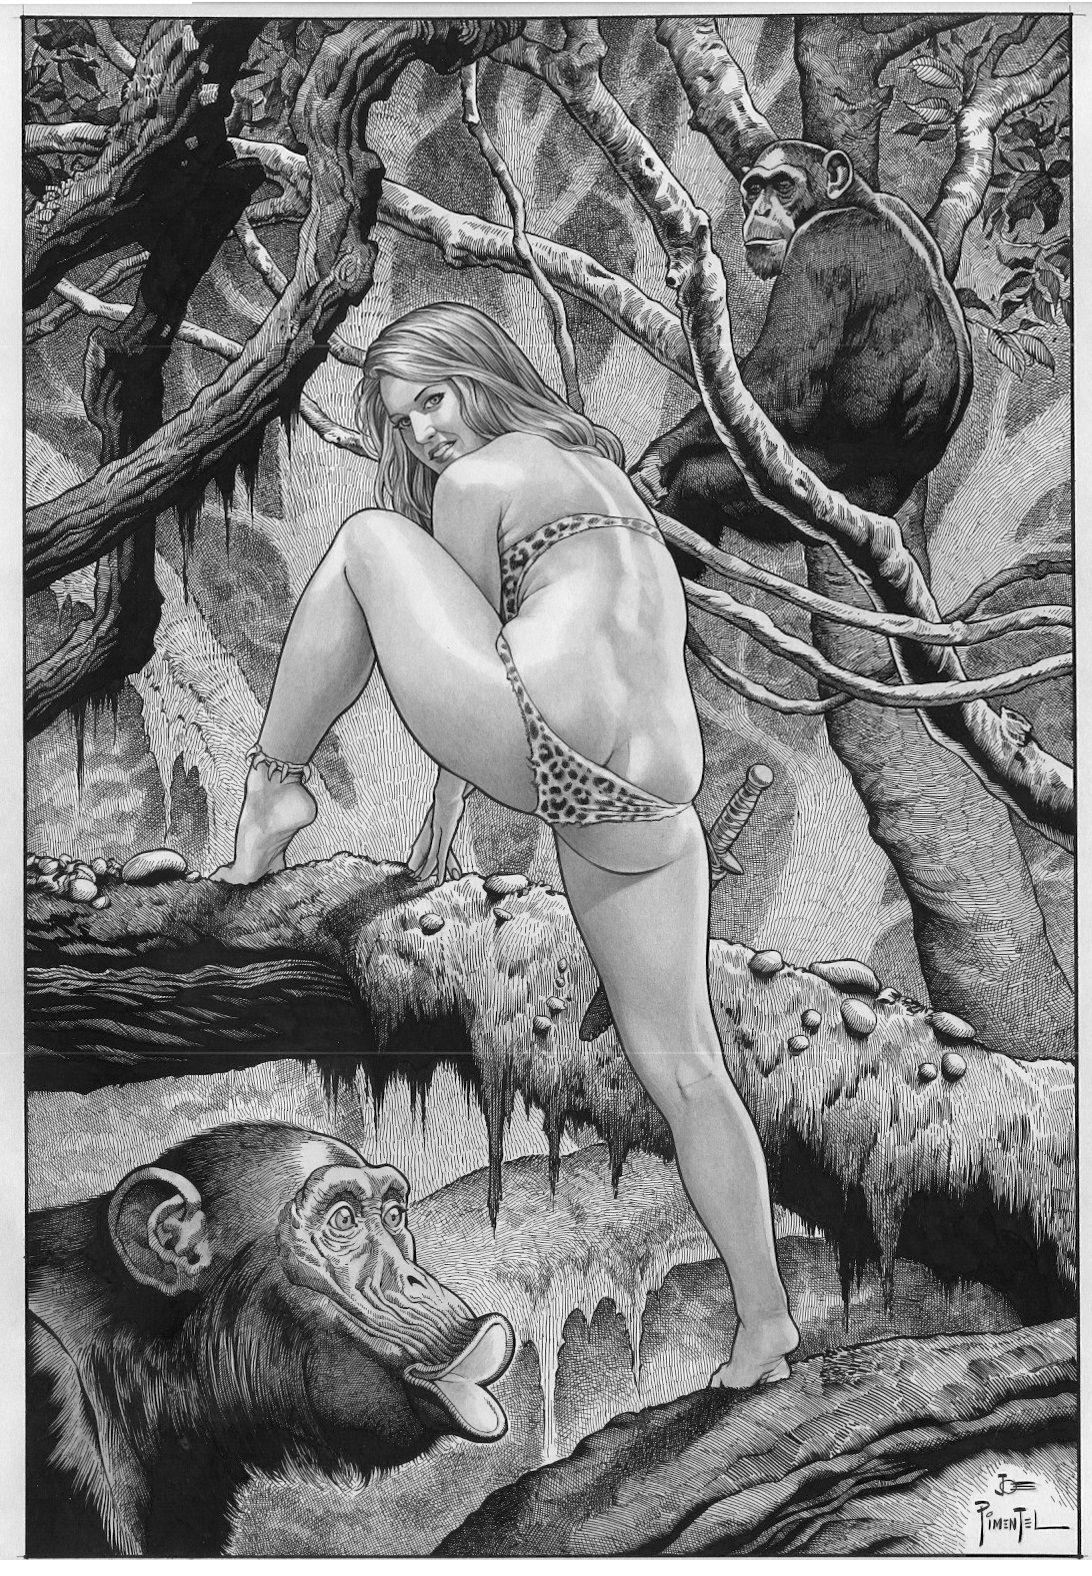 Jungle girl adult comics